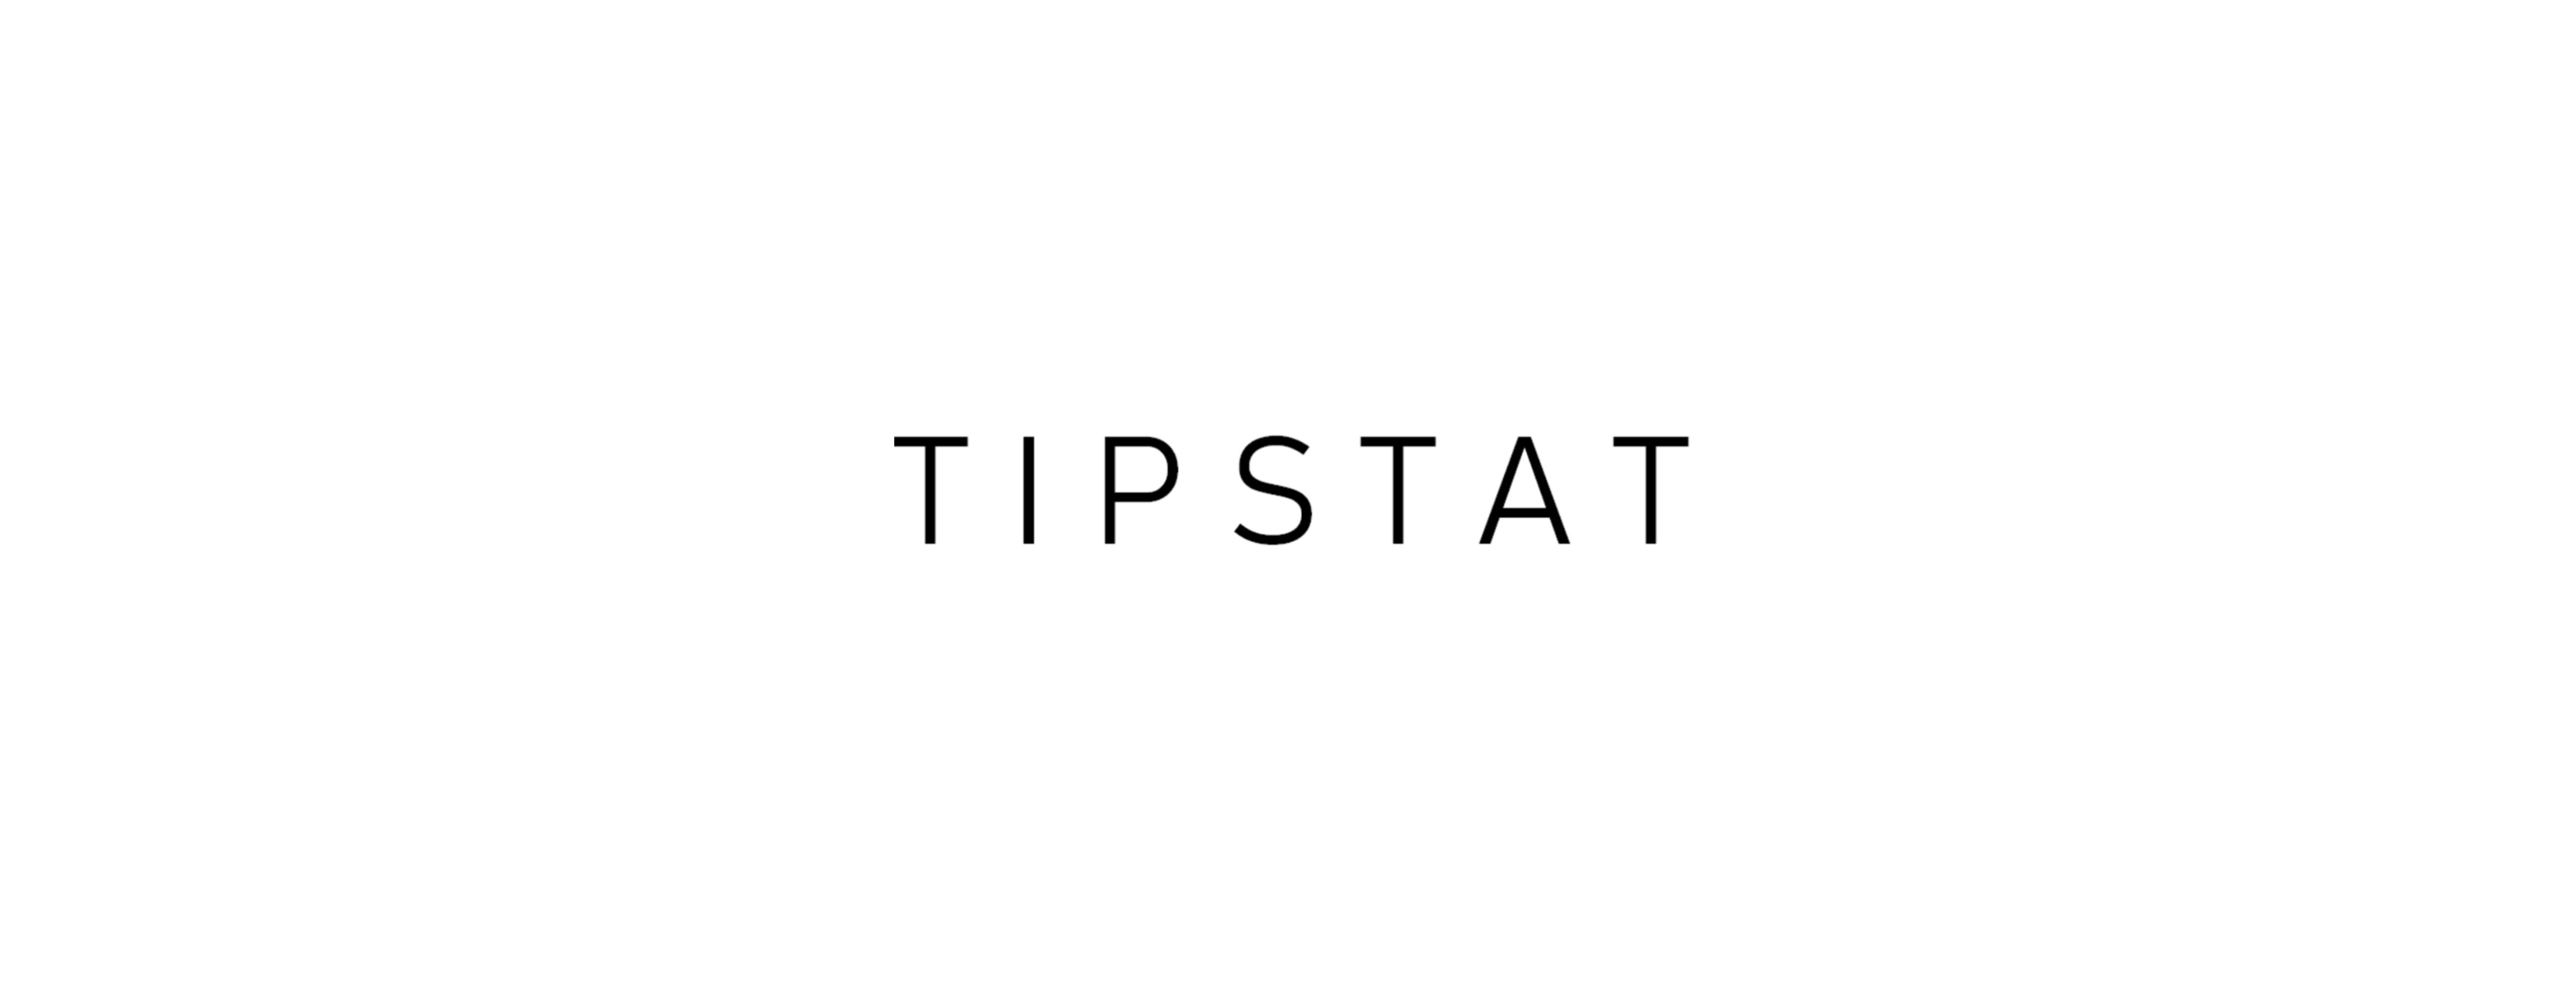 Tipstat logo